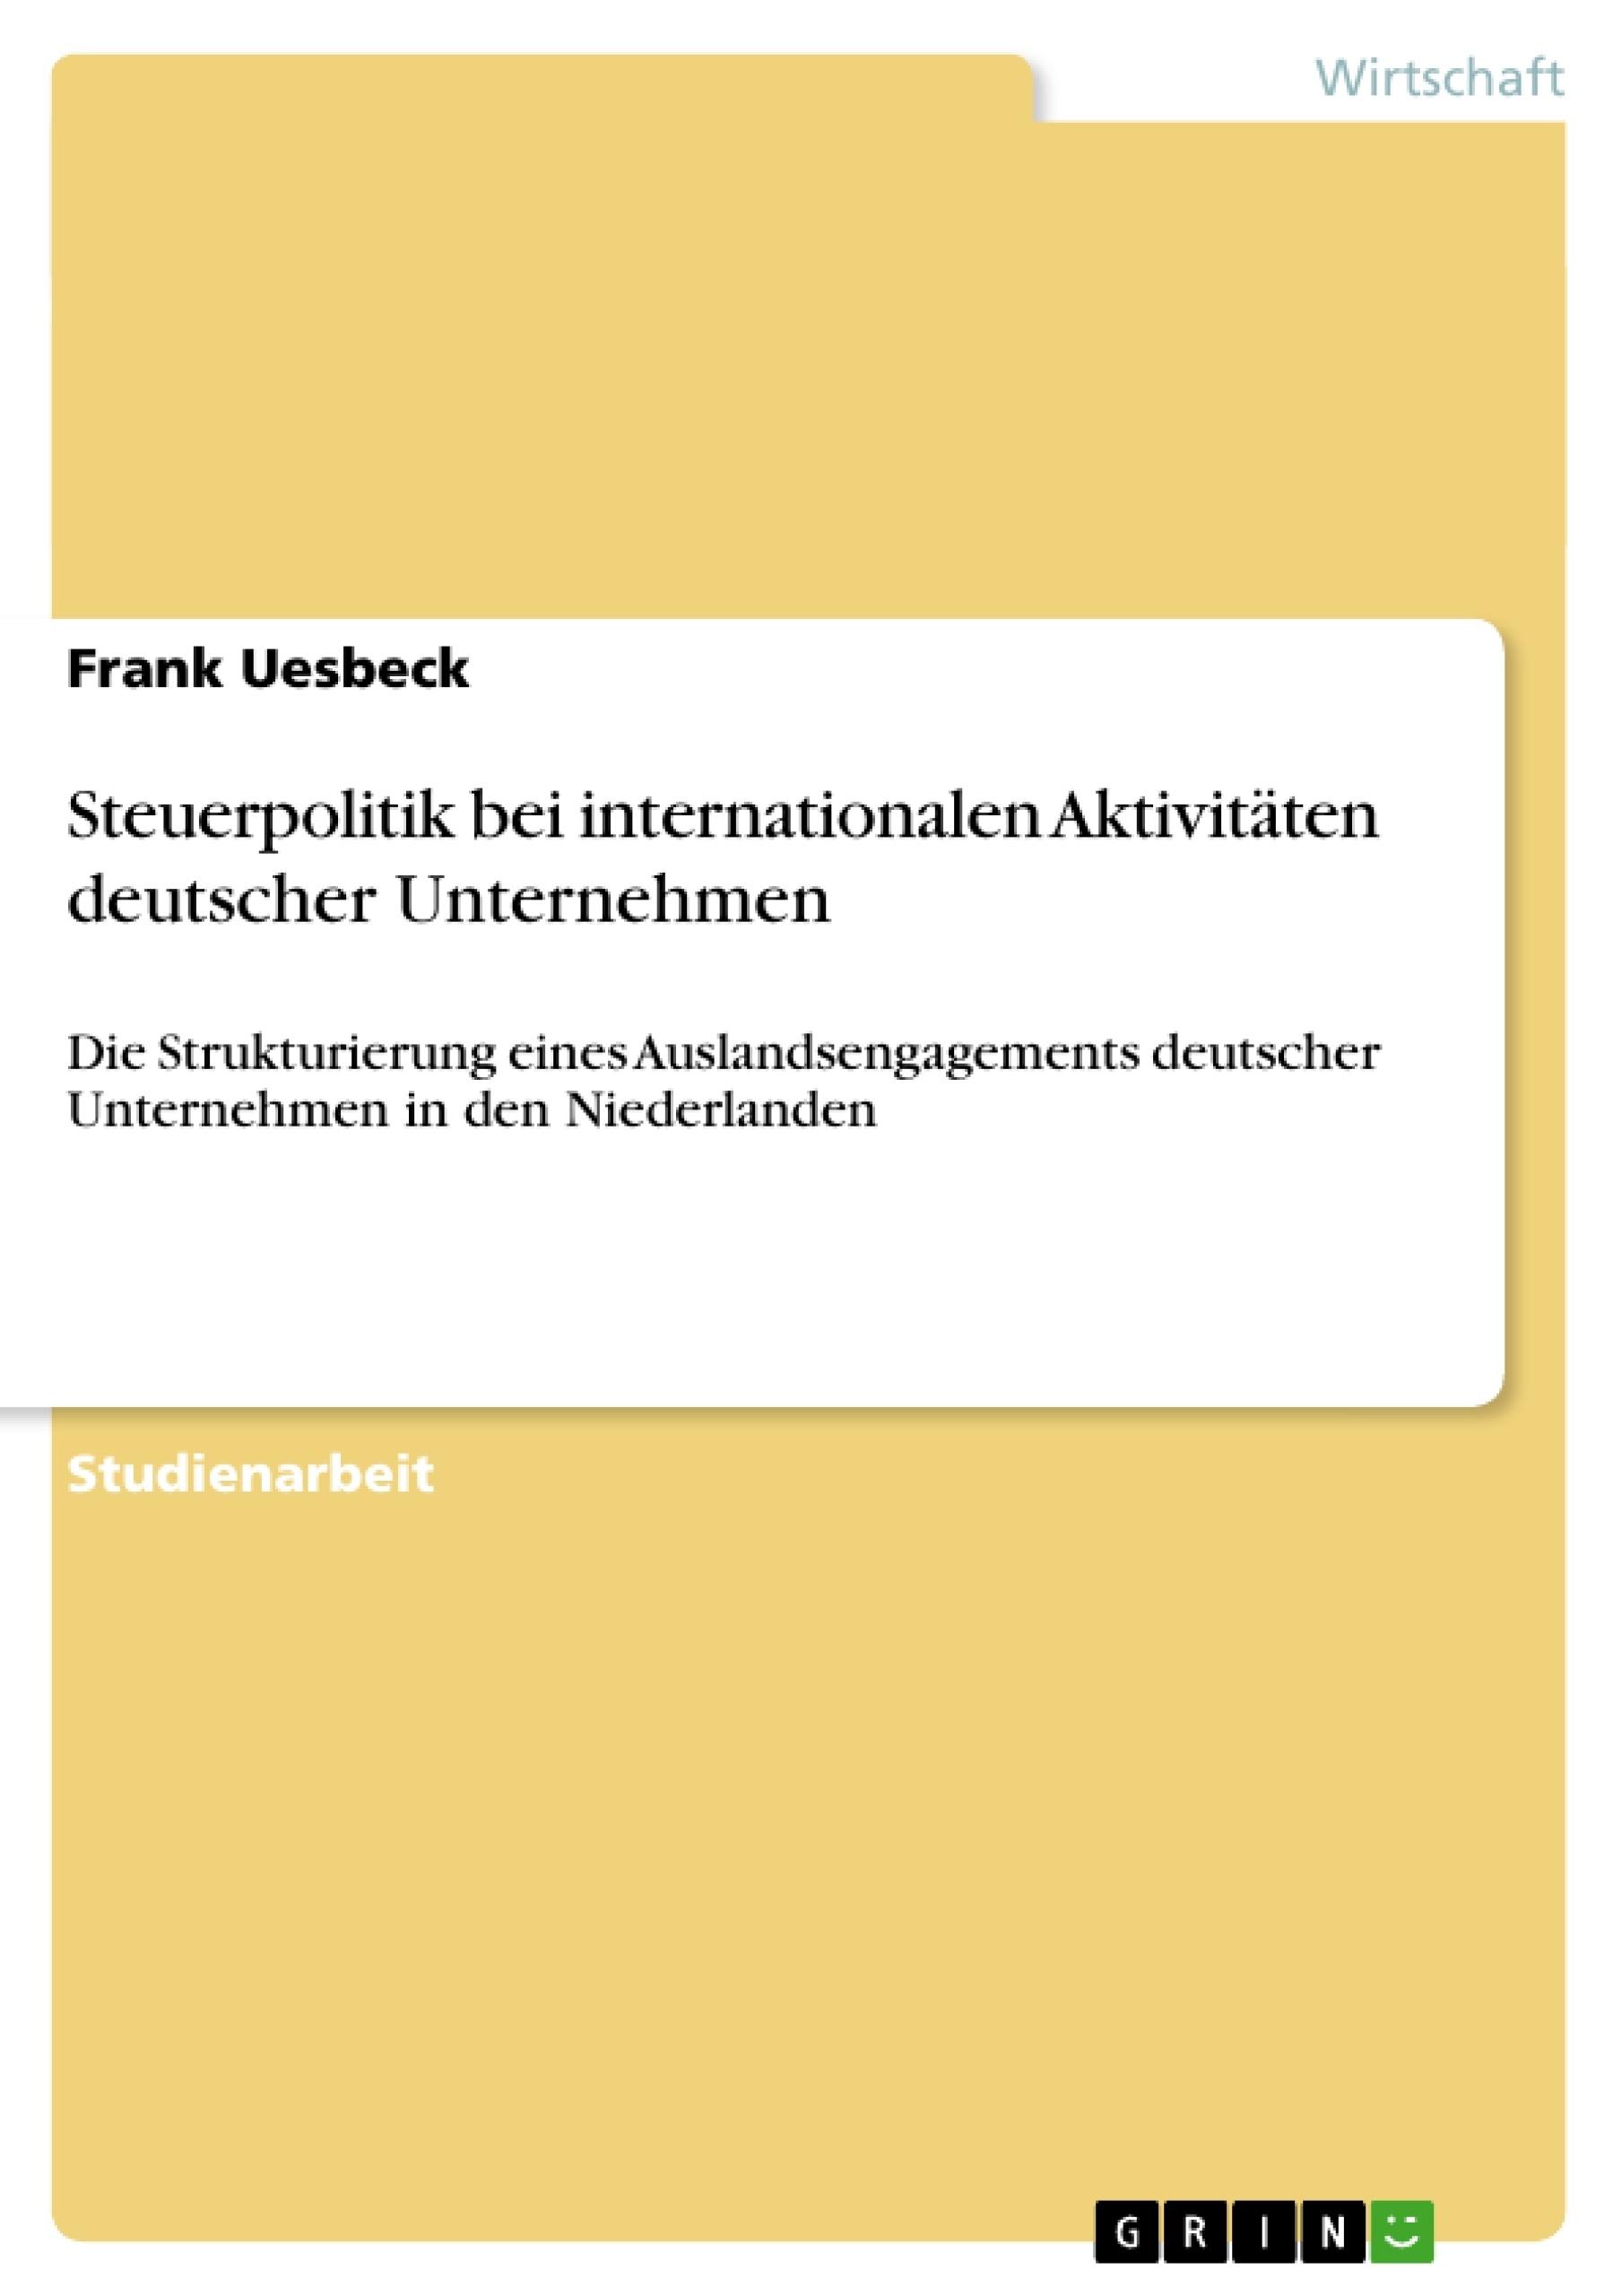 Titel: Steuerpolitik bei internationalen Aktivitäten deutscher Unternehmen